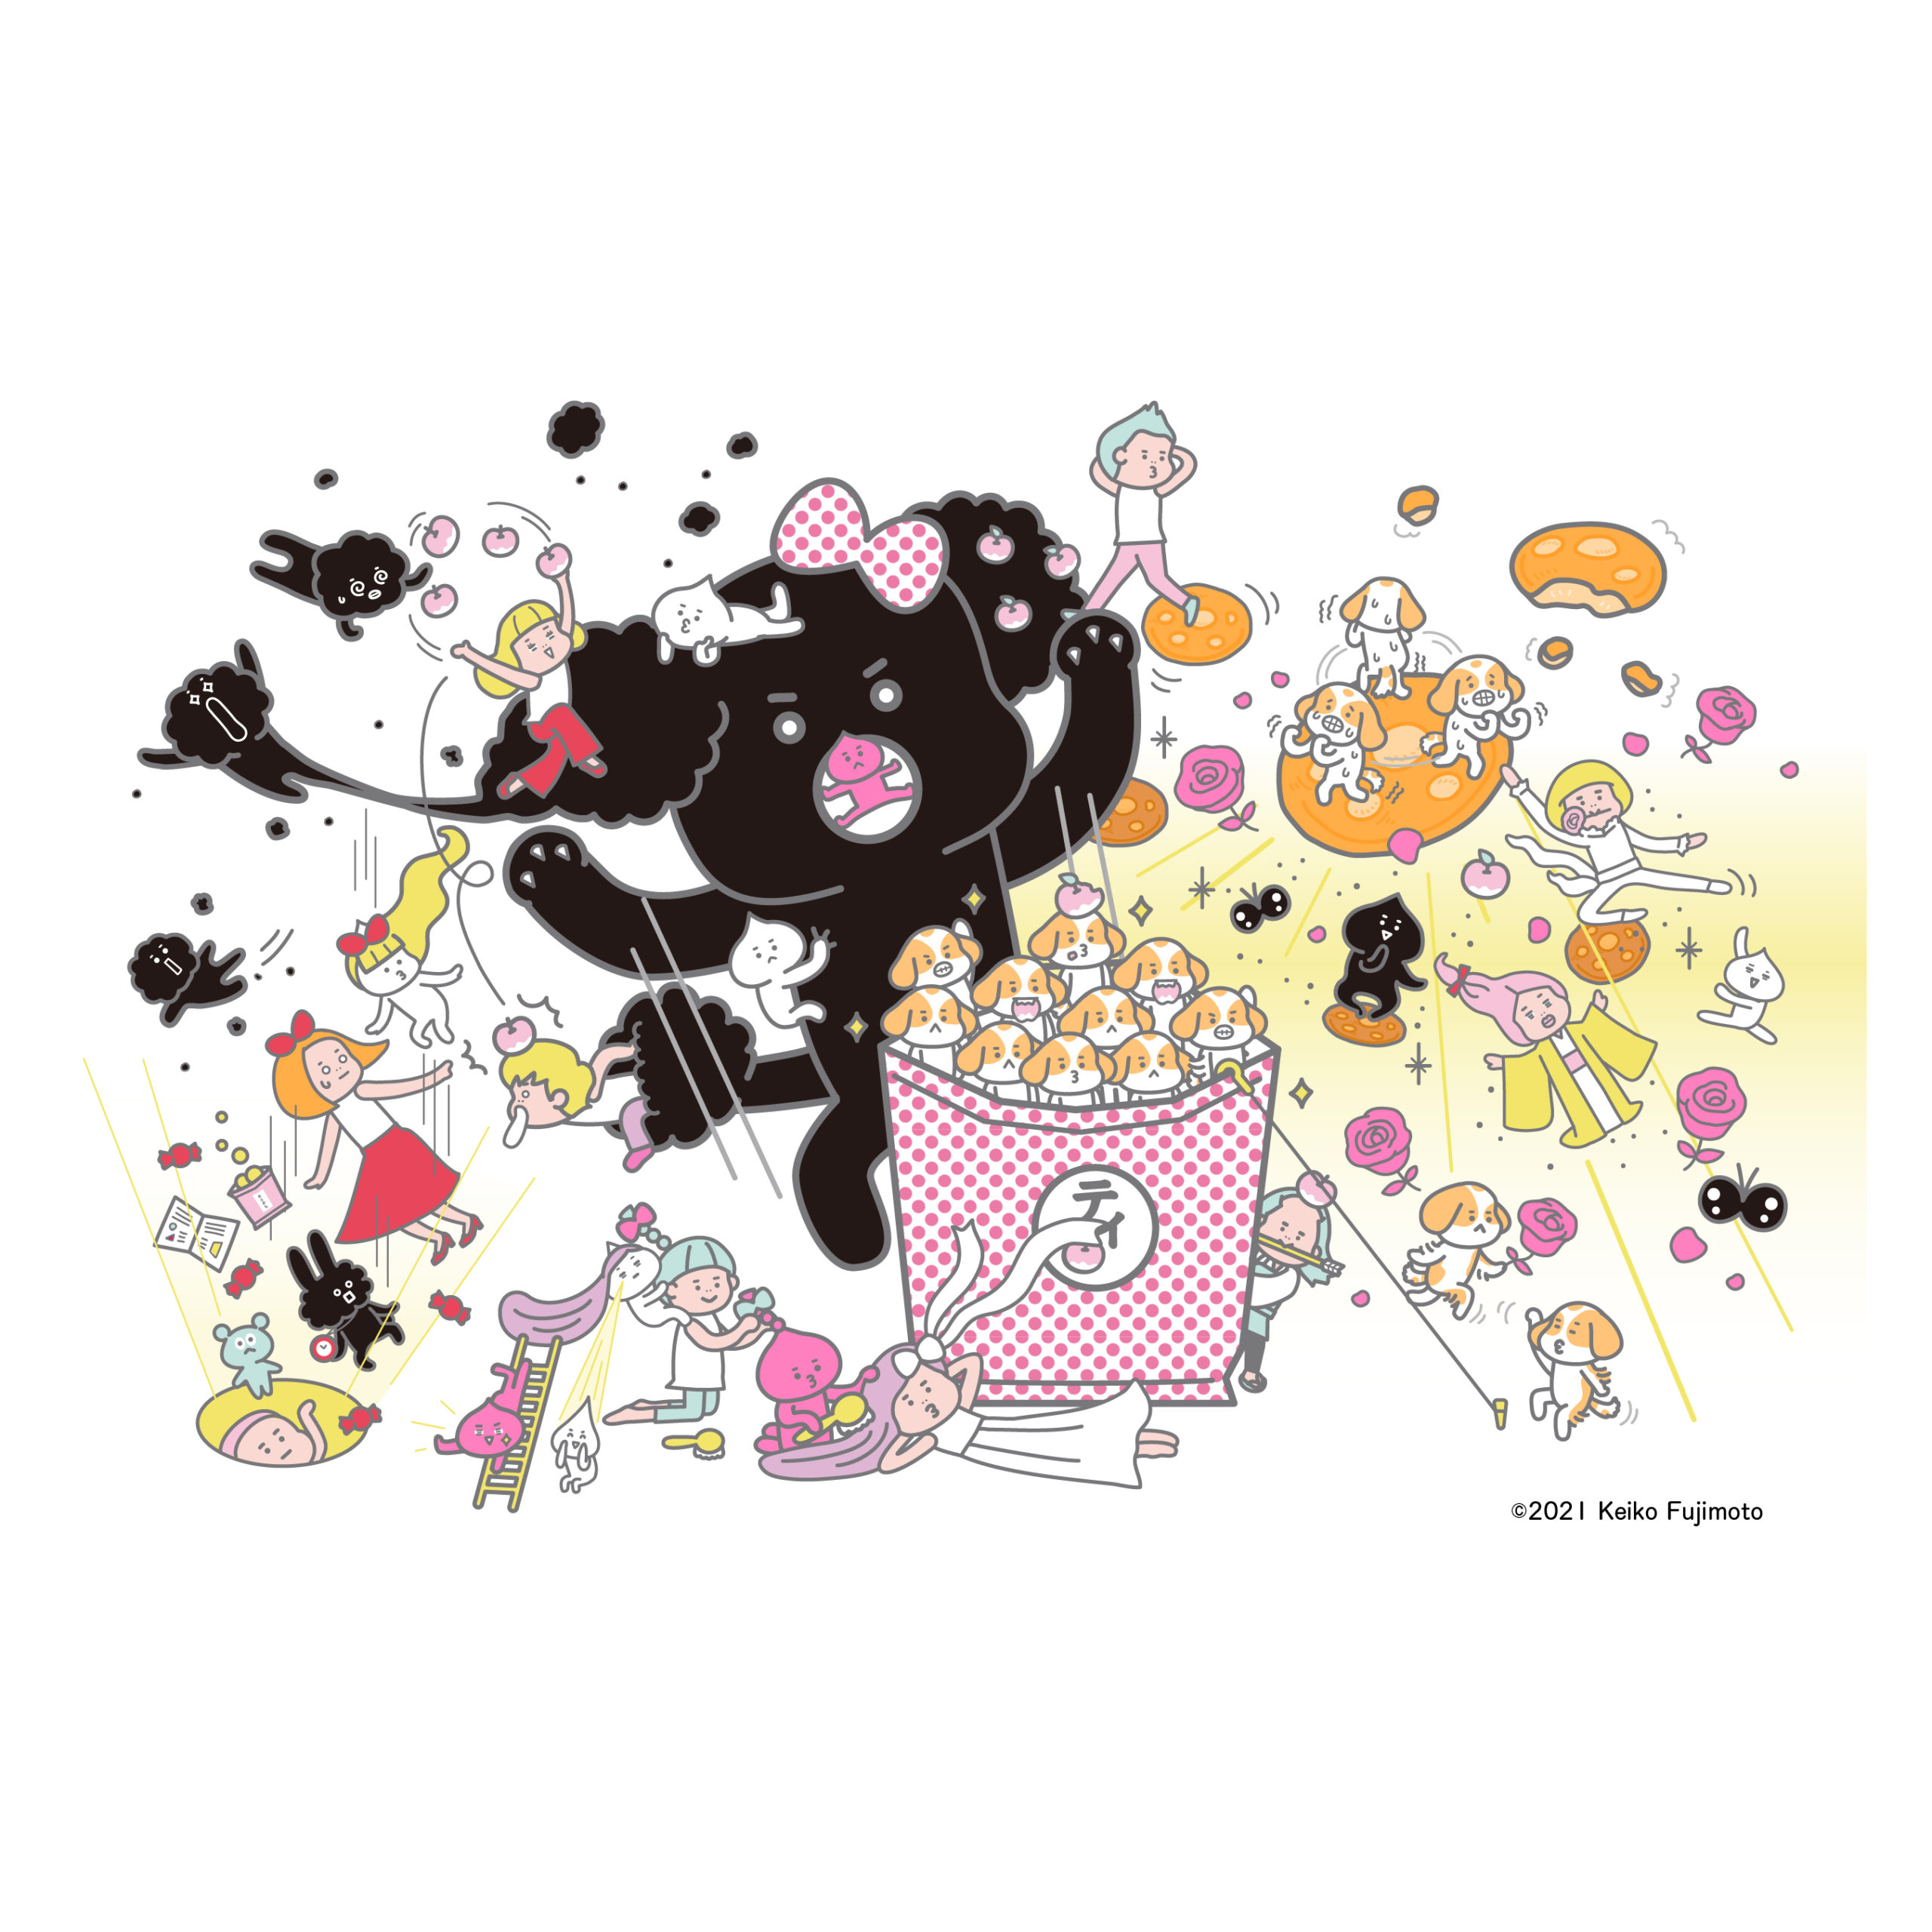 おもしろ・かわいい系mixイラスト(illust6)